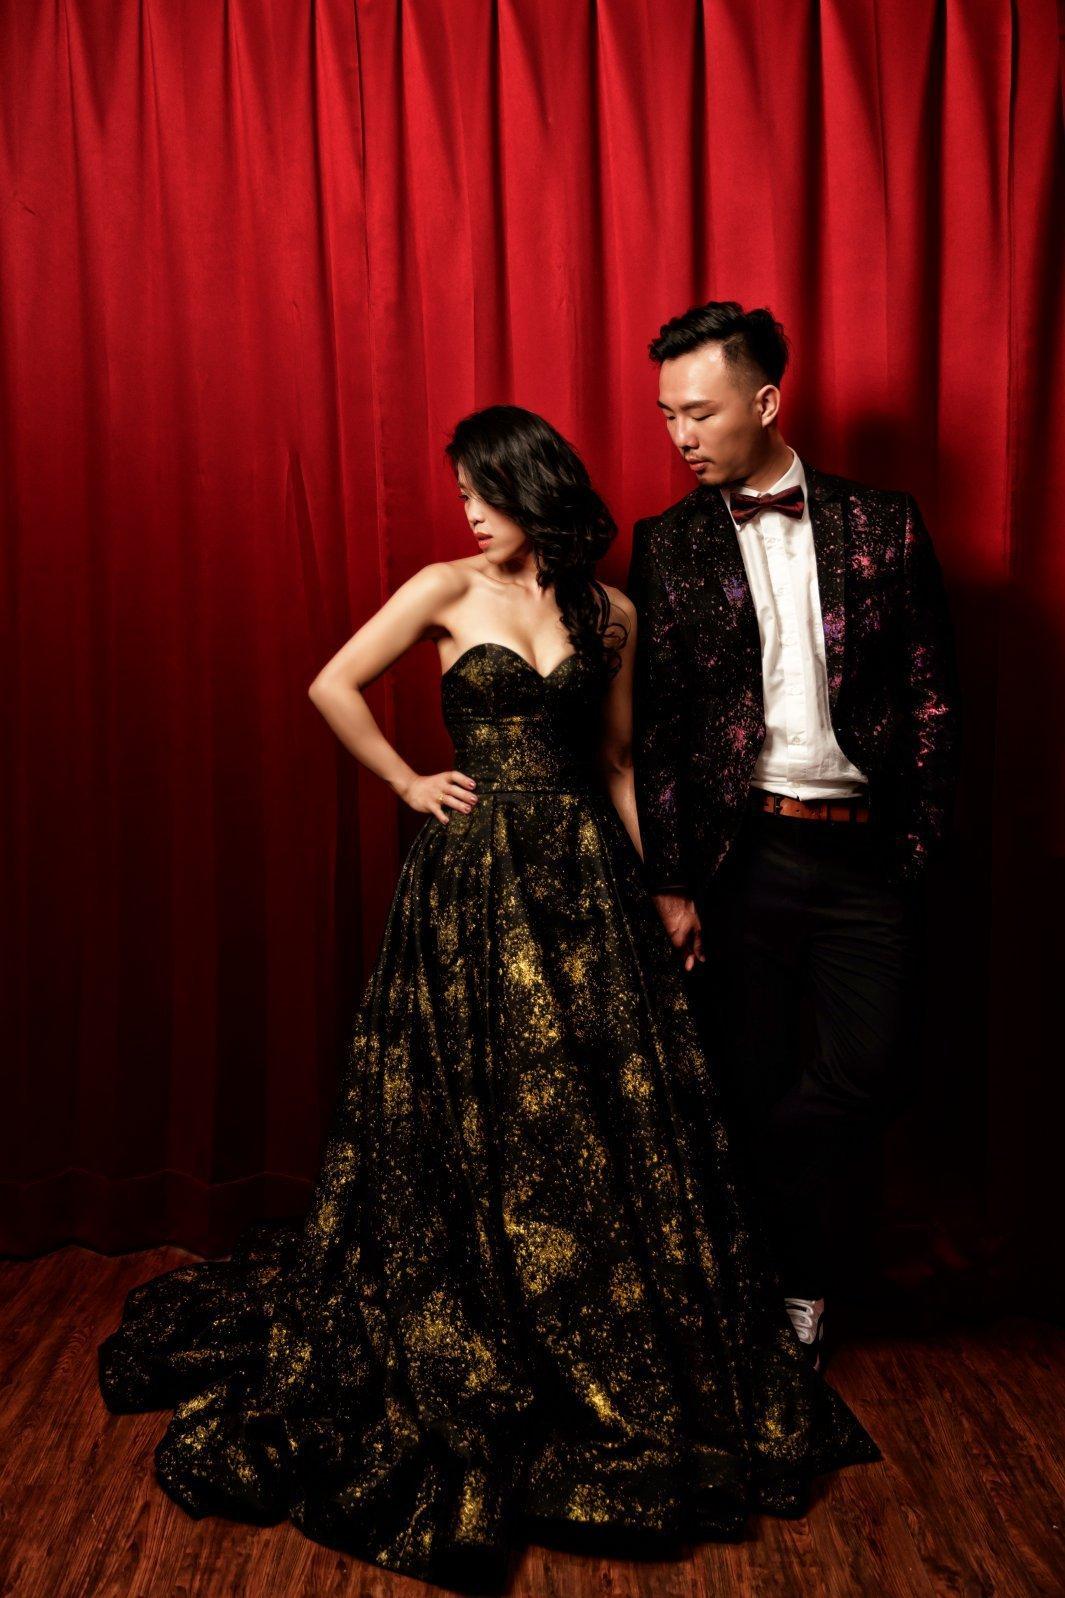 七顆梨西服, Lin haute Bridal 高級定製禮服, 高雄婚攝森森